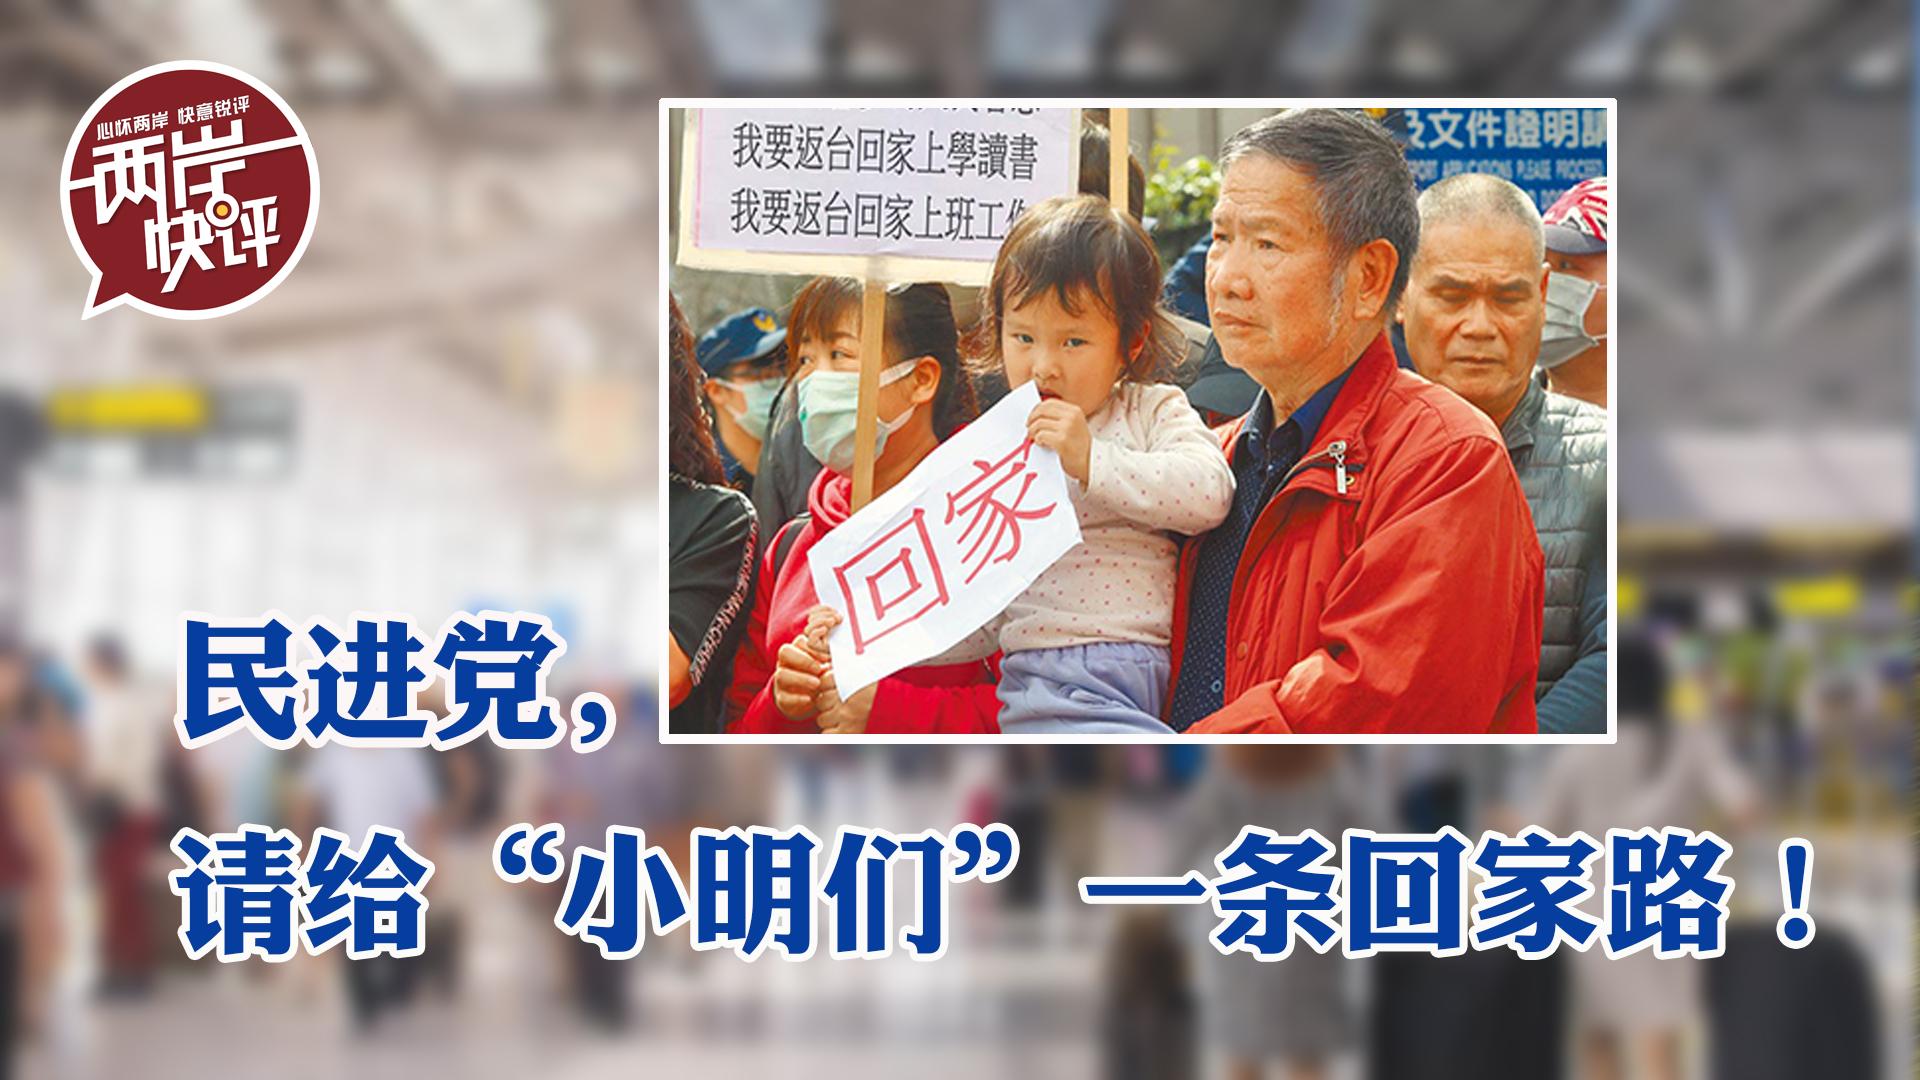 """民進黨當局勿裝聾作啞,讓""""小明們""""早日見到媽媽圖片"""